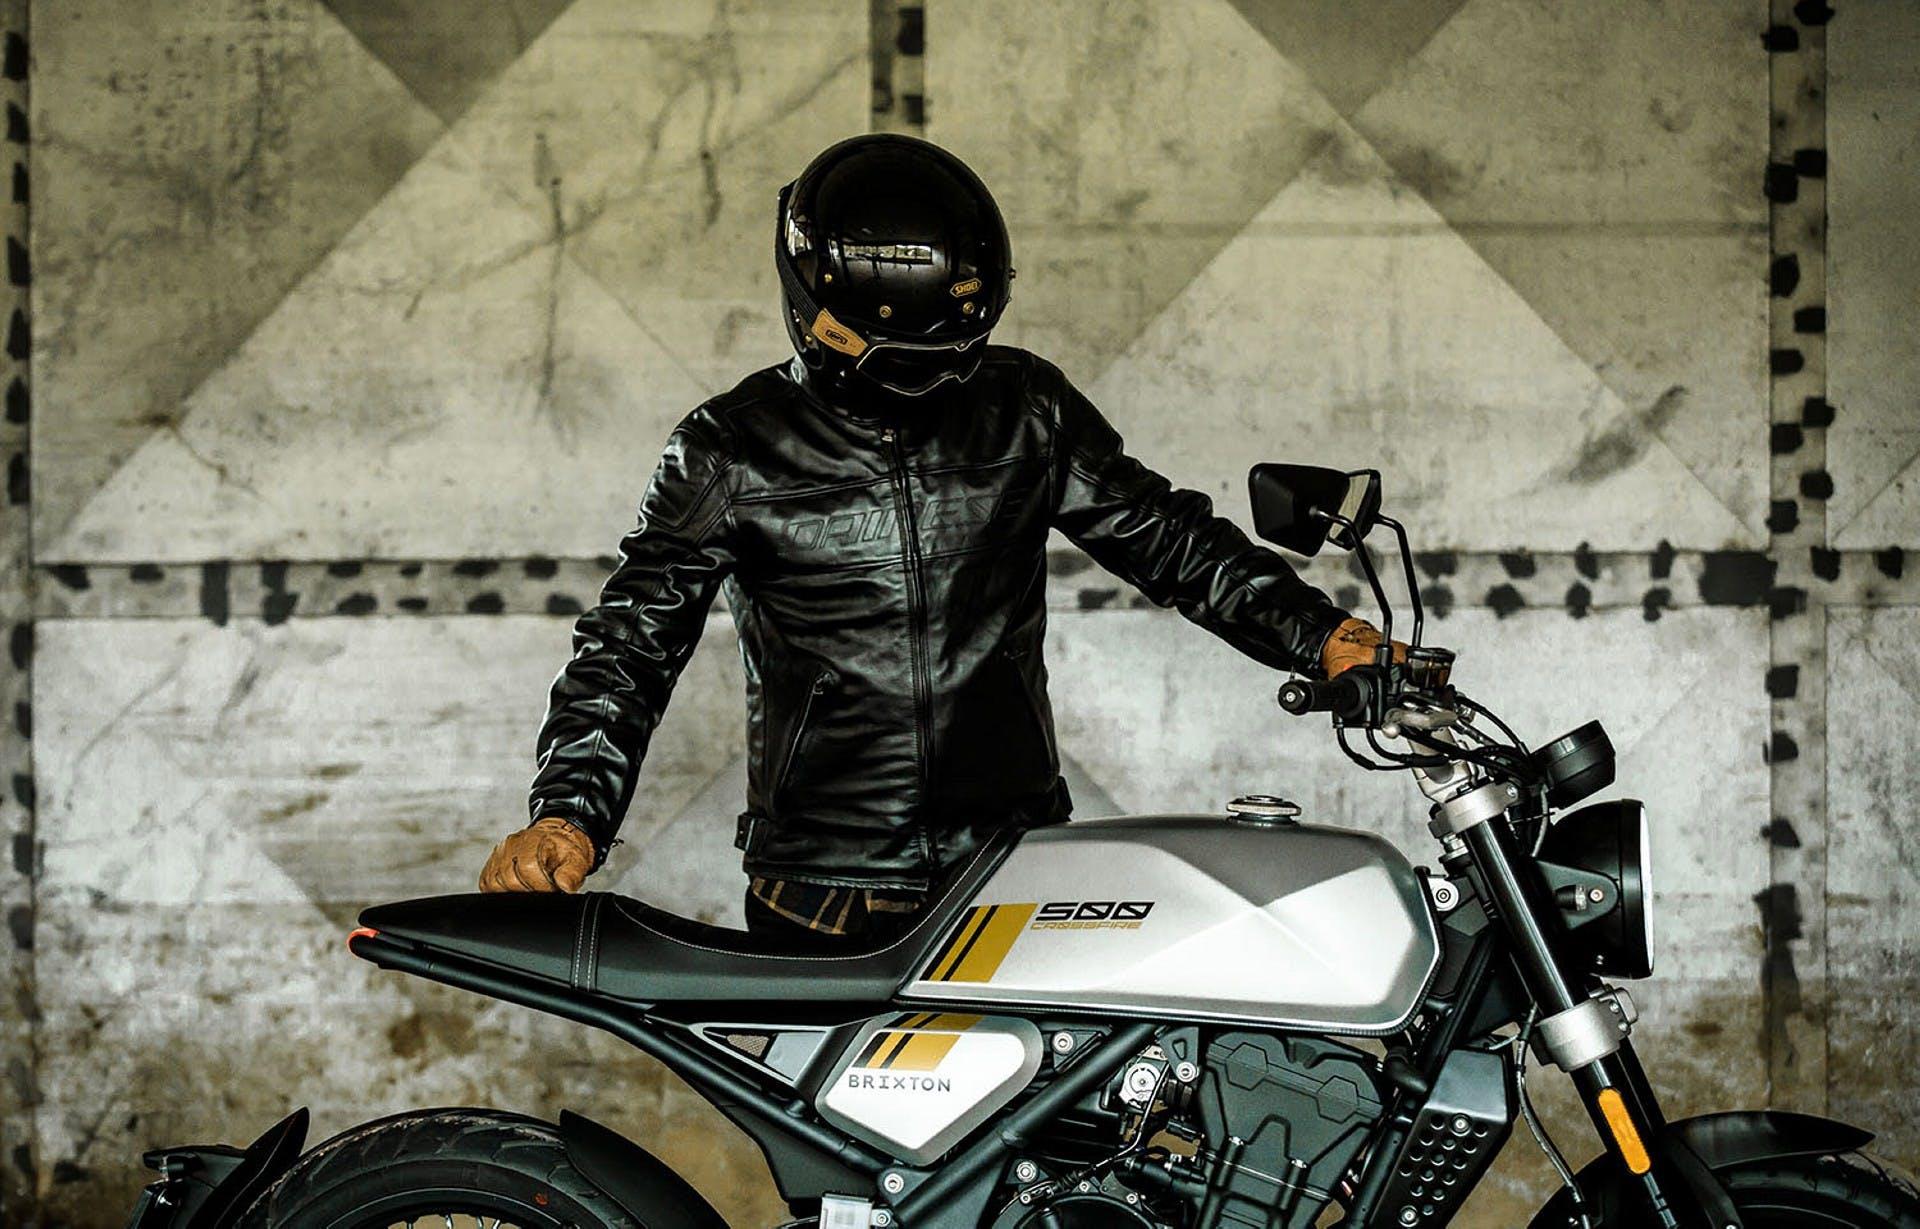 brixton crossfire 500 foto statica laterale con motociclista